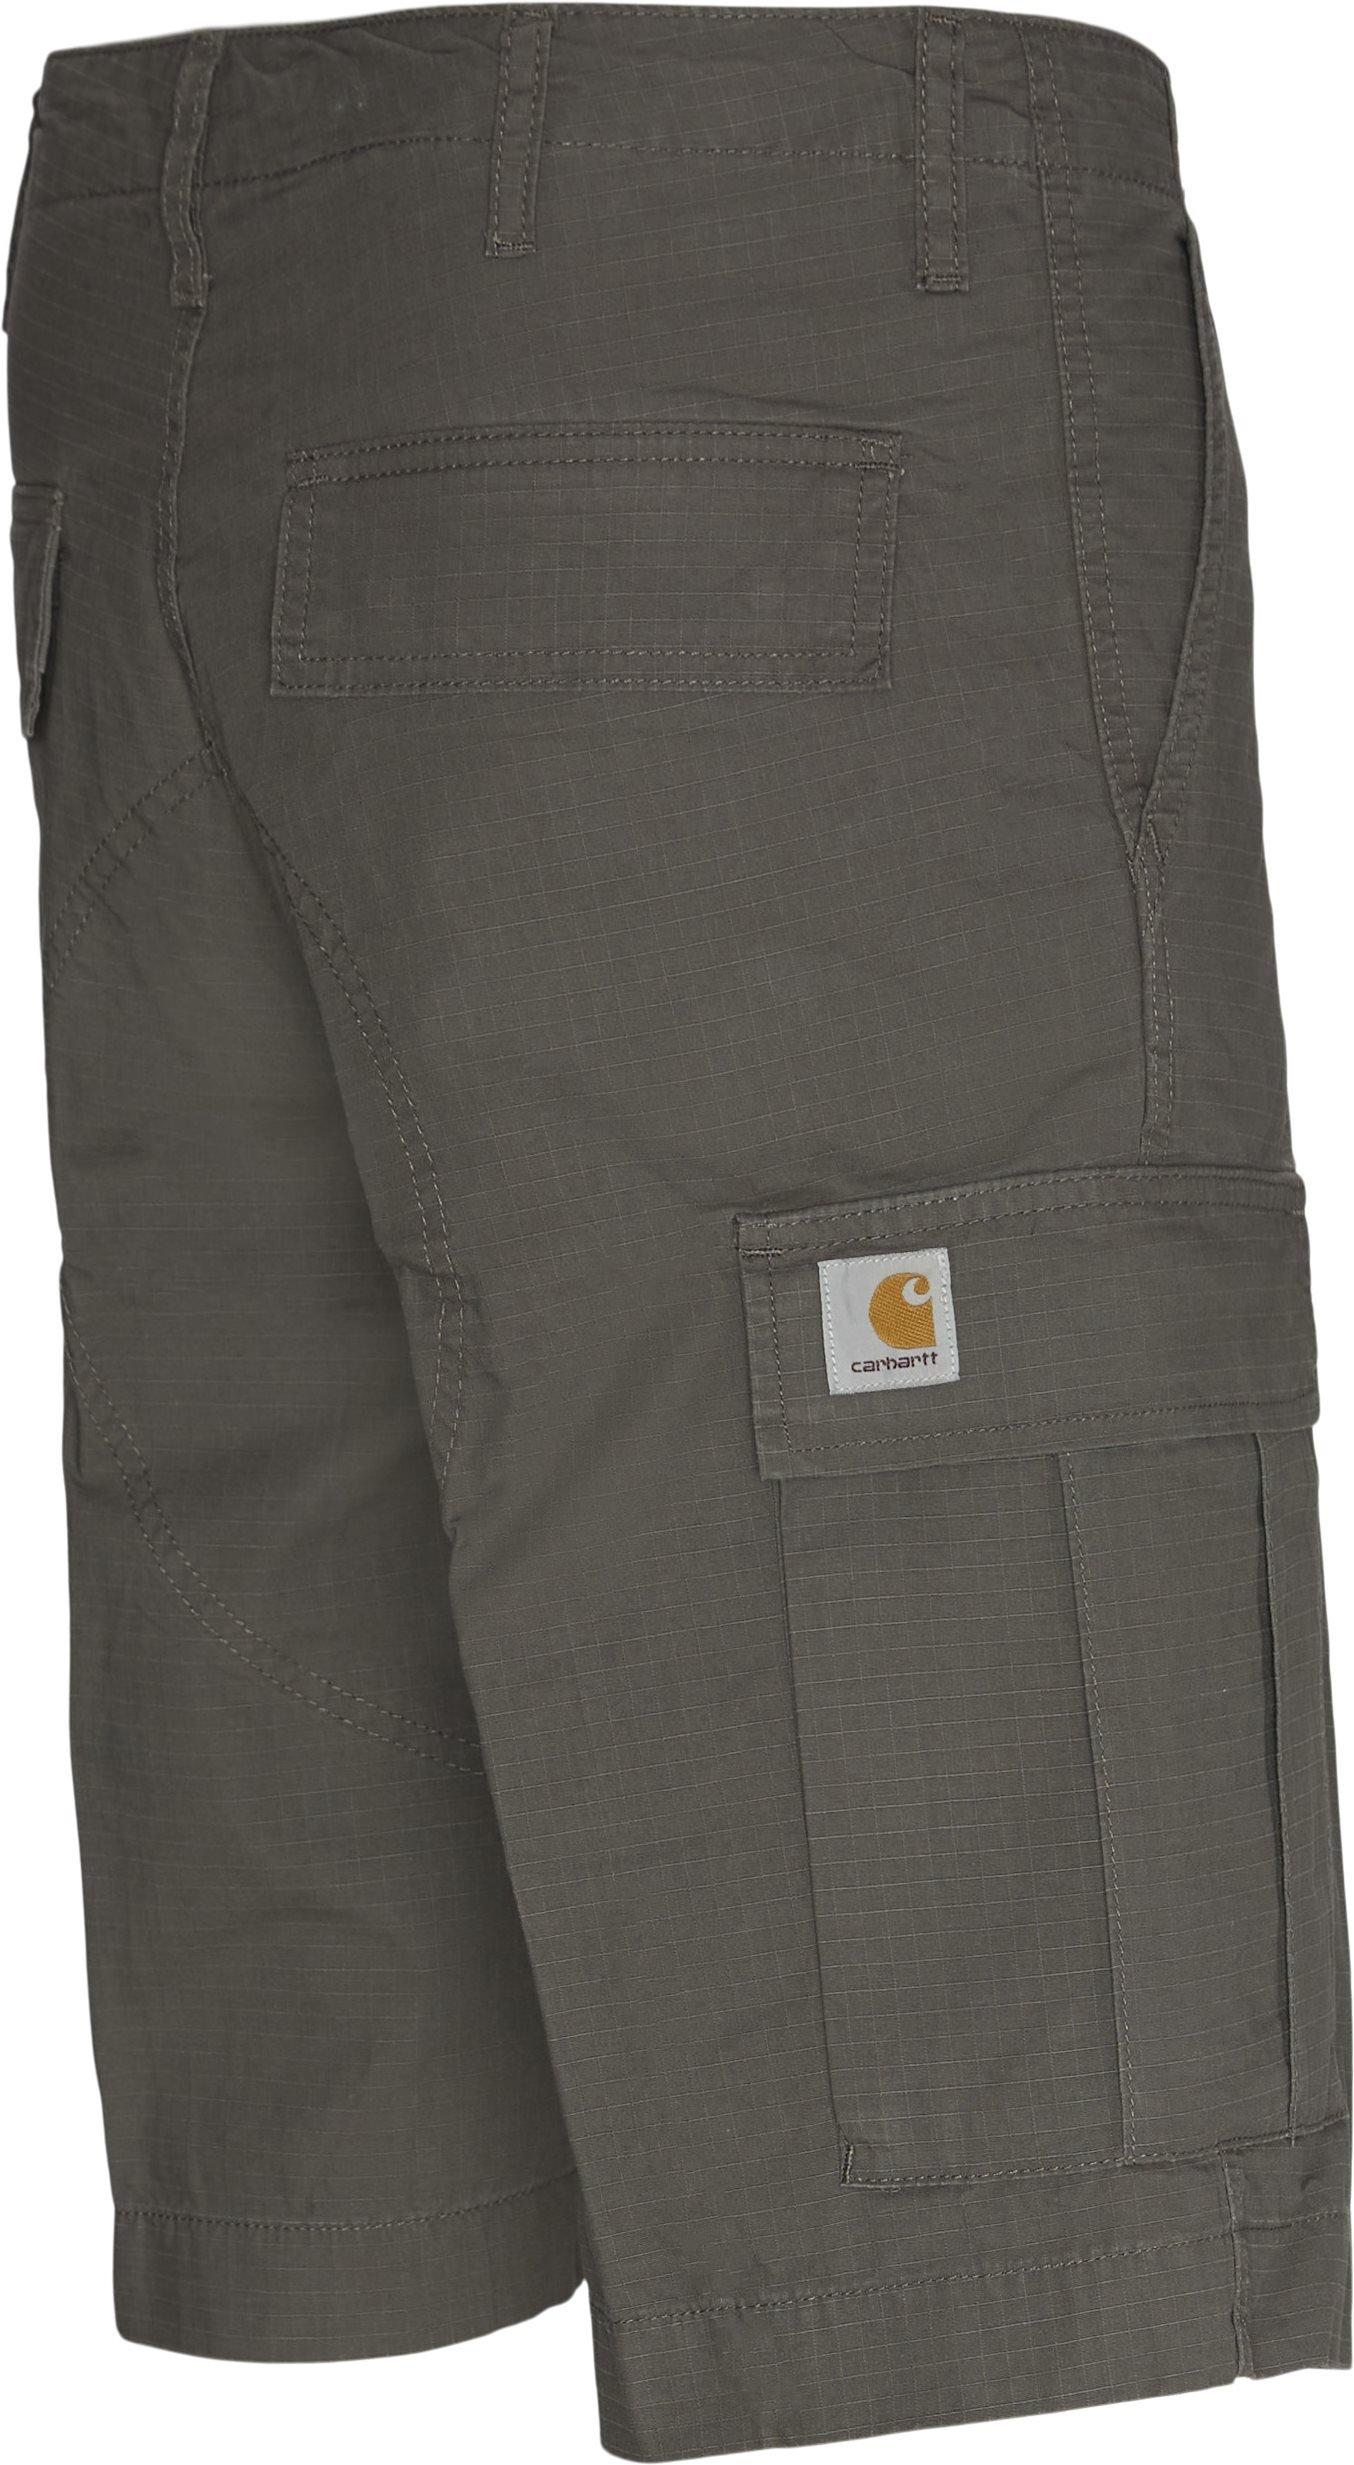 Regular Cargo Shorts I028246 - Shorts - Regular fit - Grå